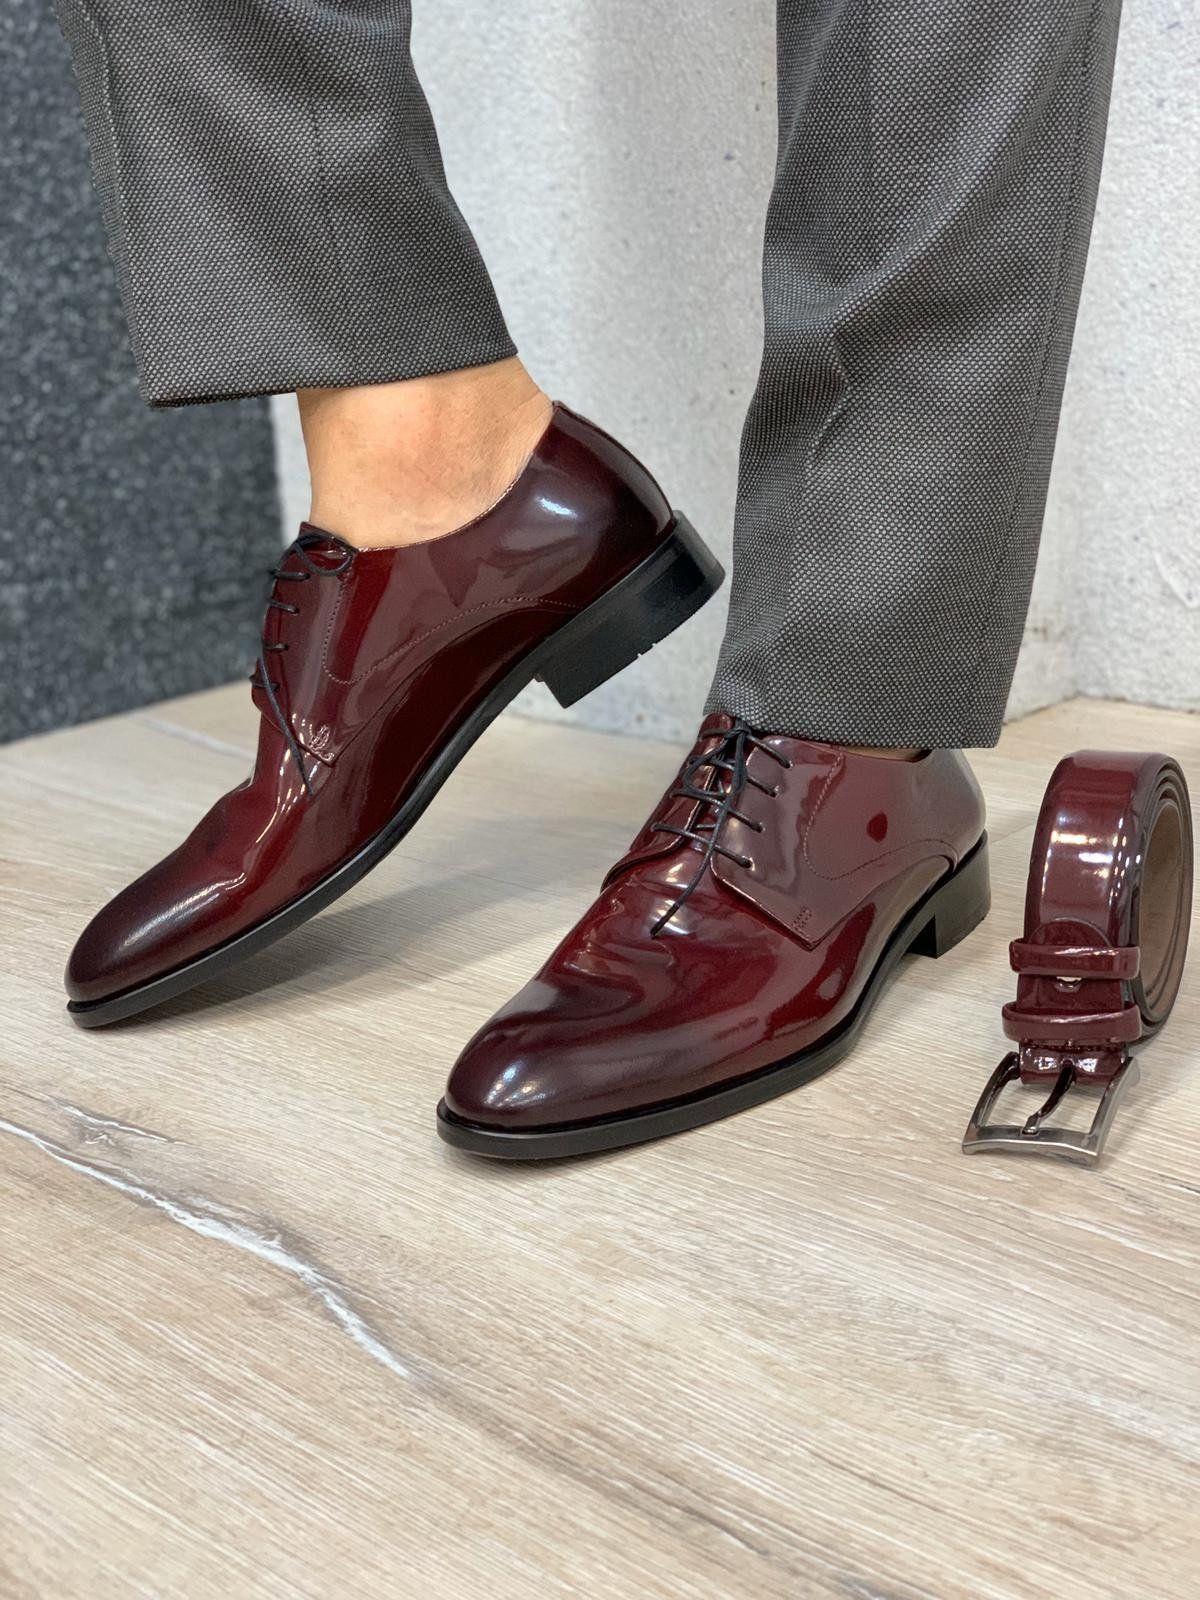 Donazi Bordeaux Leather Classic Shoes Dress Shoes Men Classic Shoes Black Leather Shoes [ 1600 x 1200 Pixel ]